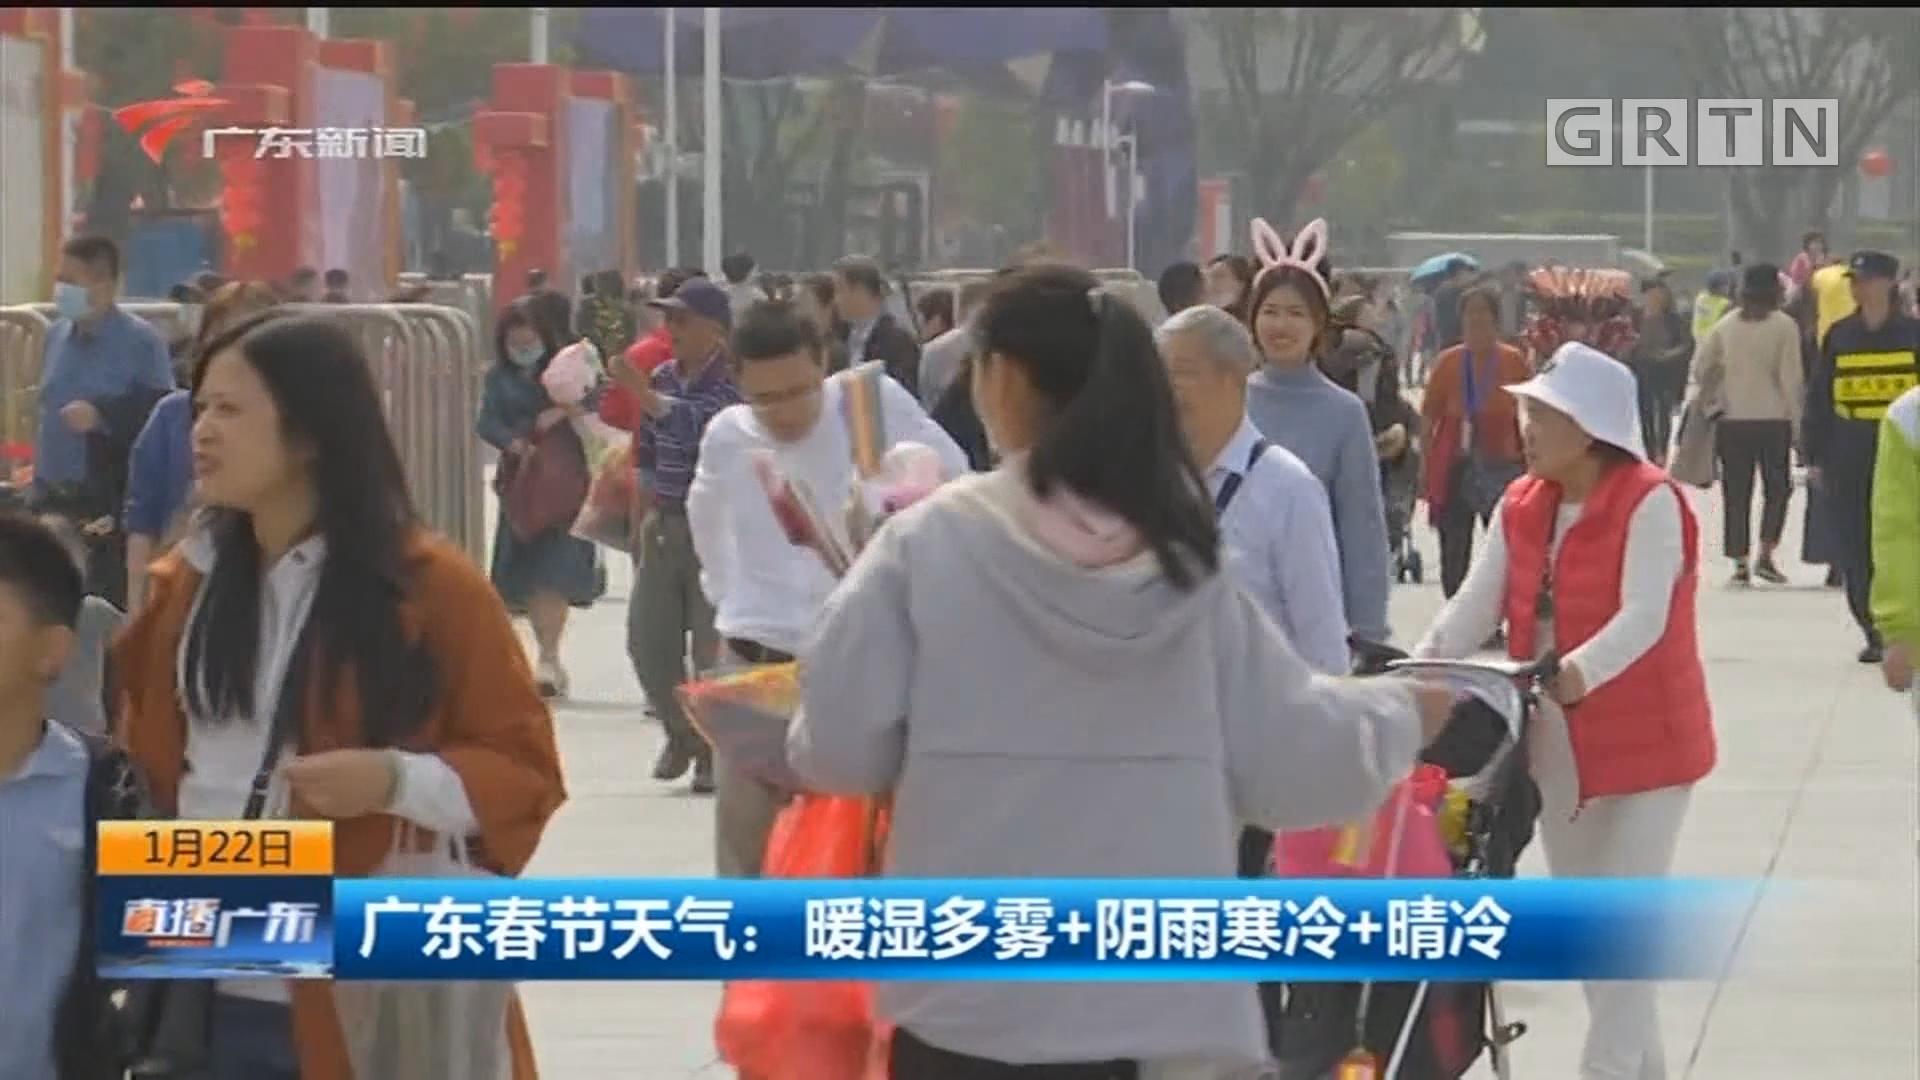 广东春节天气:暖湿多雾+阴雨寒冷+晴冷